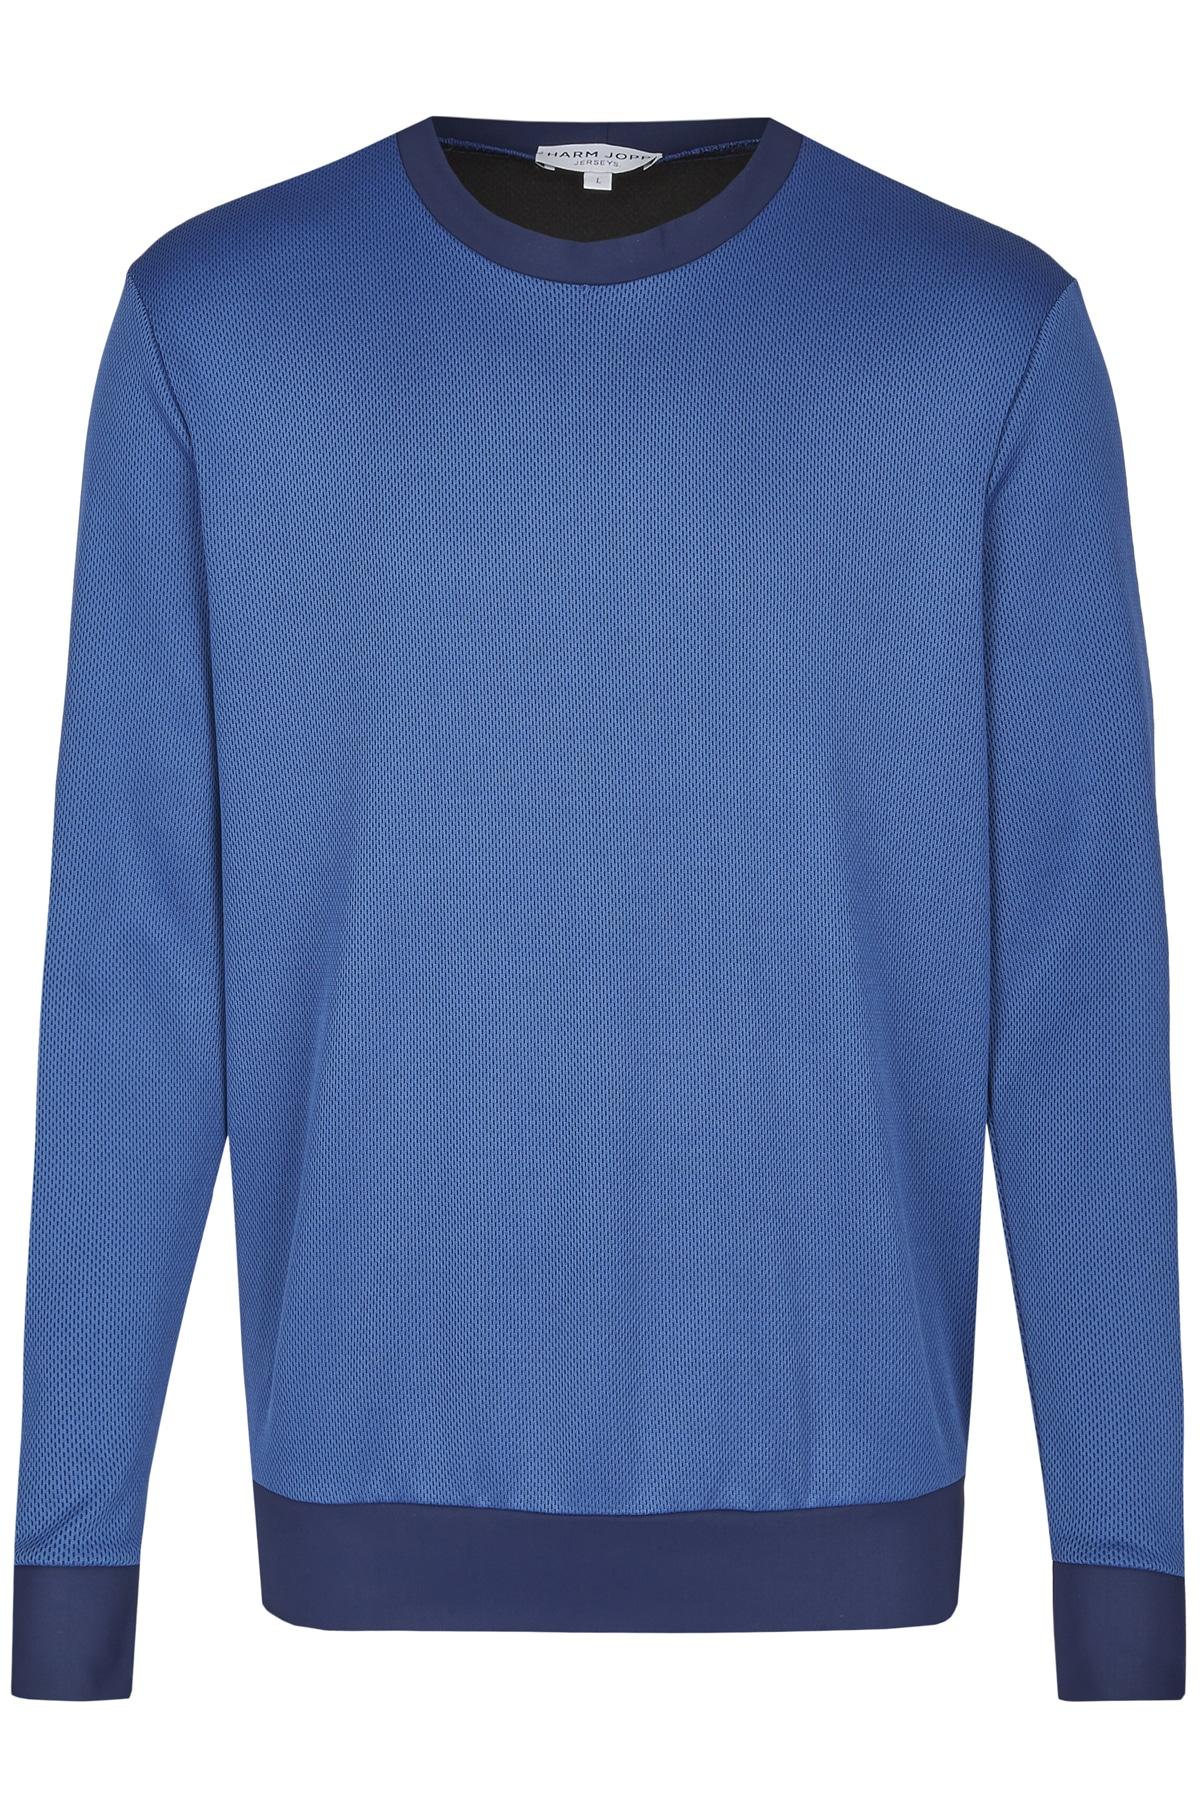 Sweatshirt_blau_mesh_1